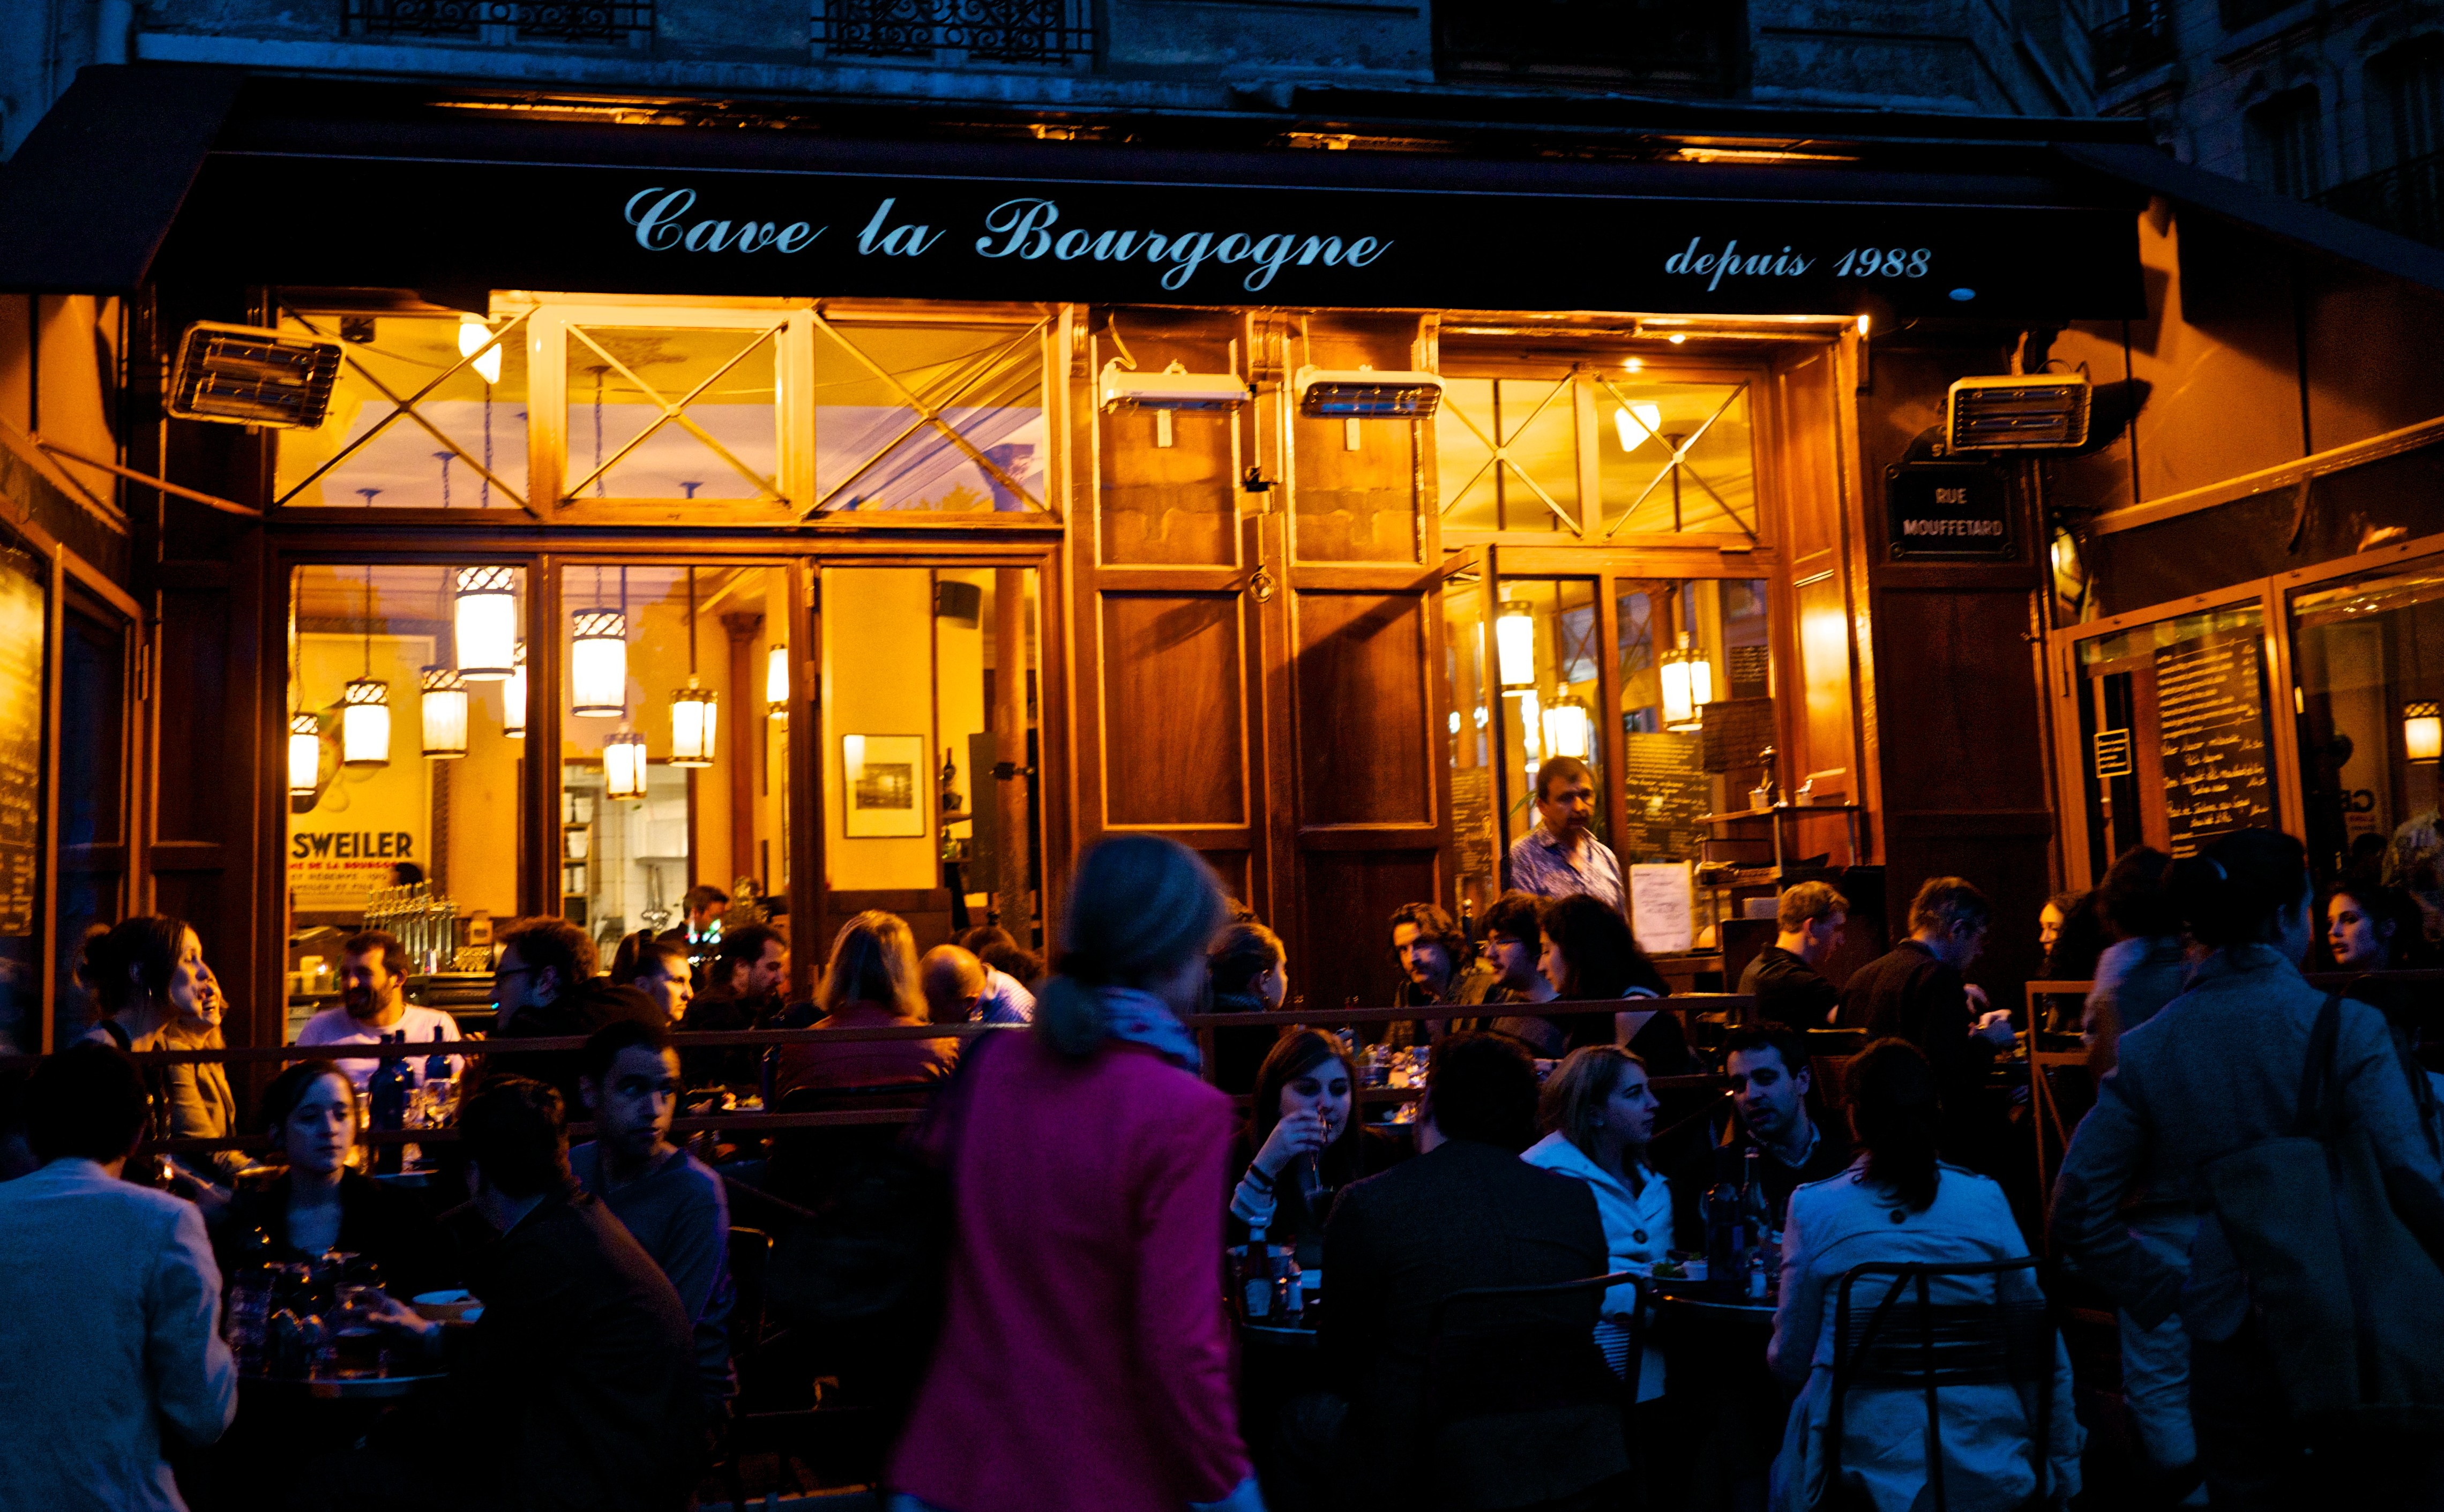 Cafe Le Bourgogne Paris Mouffetard